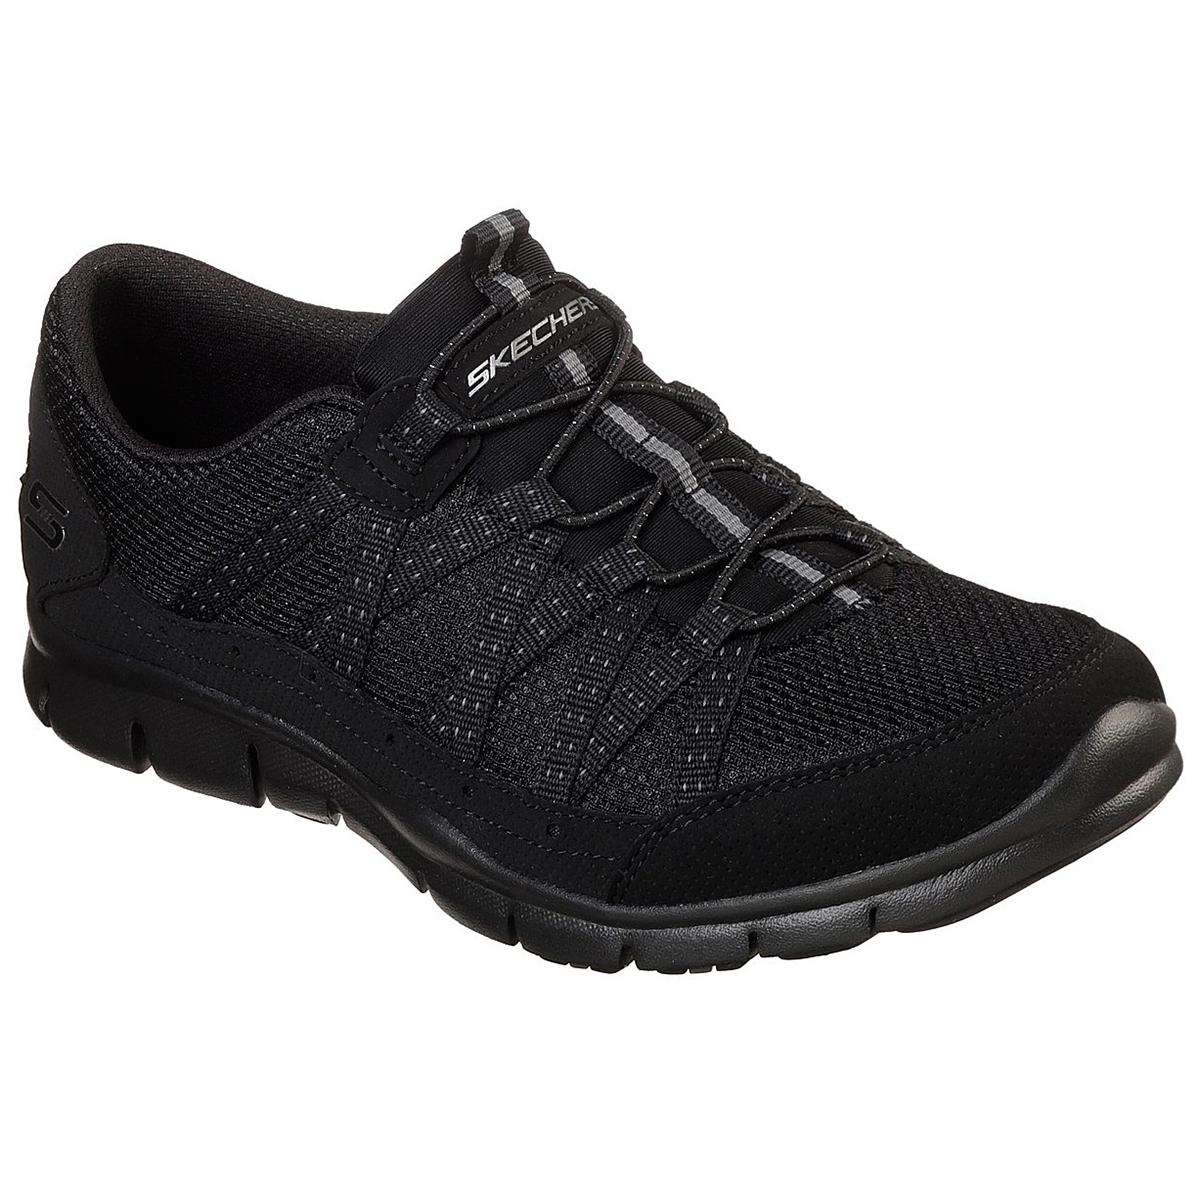 """Skechers Women's Gratis A """" Strolling Sneakers - Black, 6"""